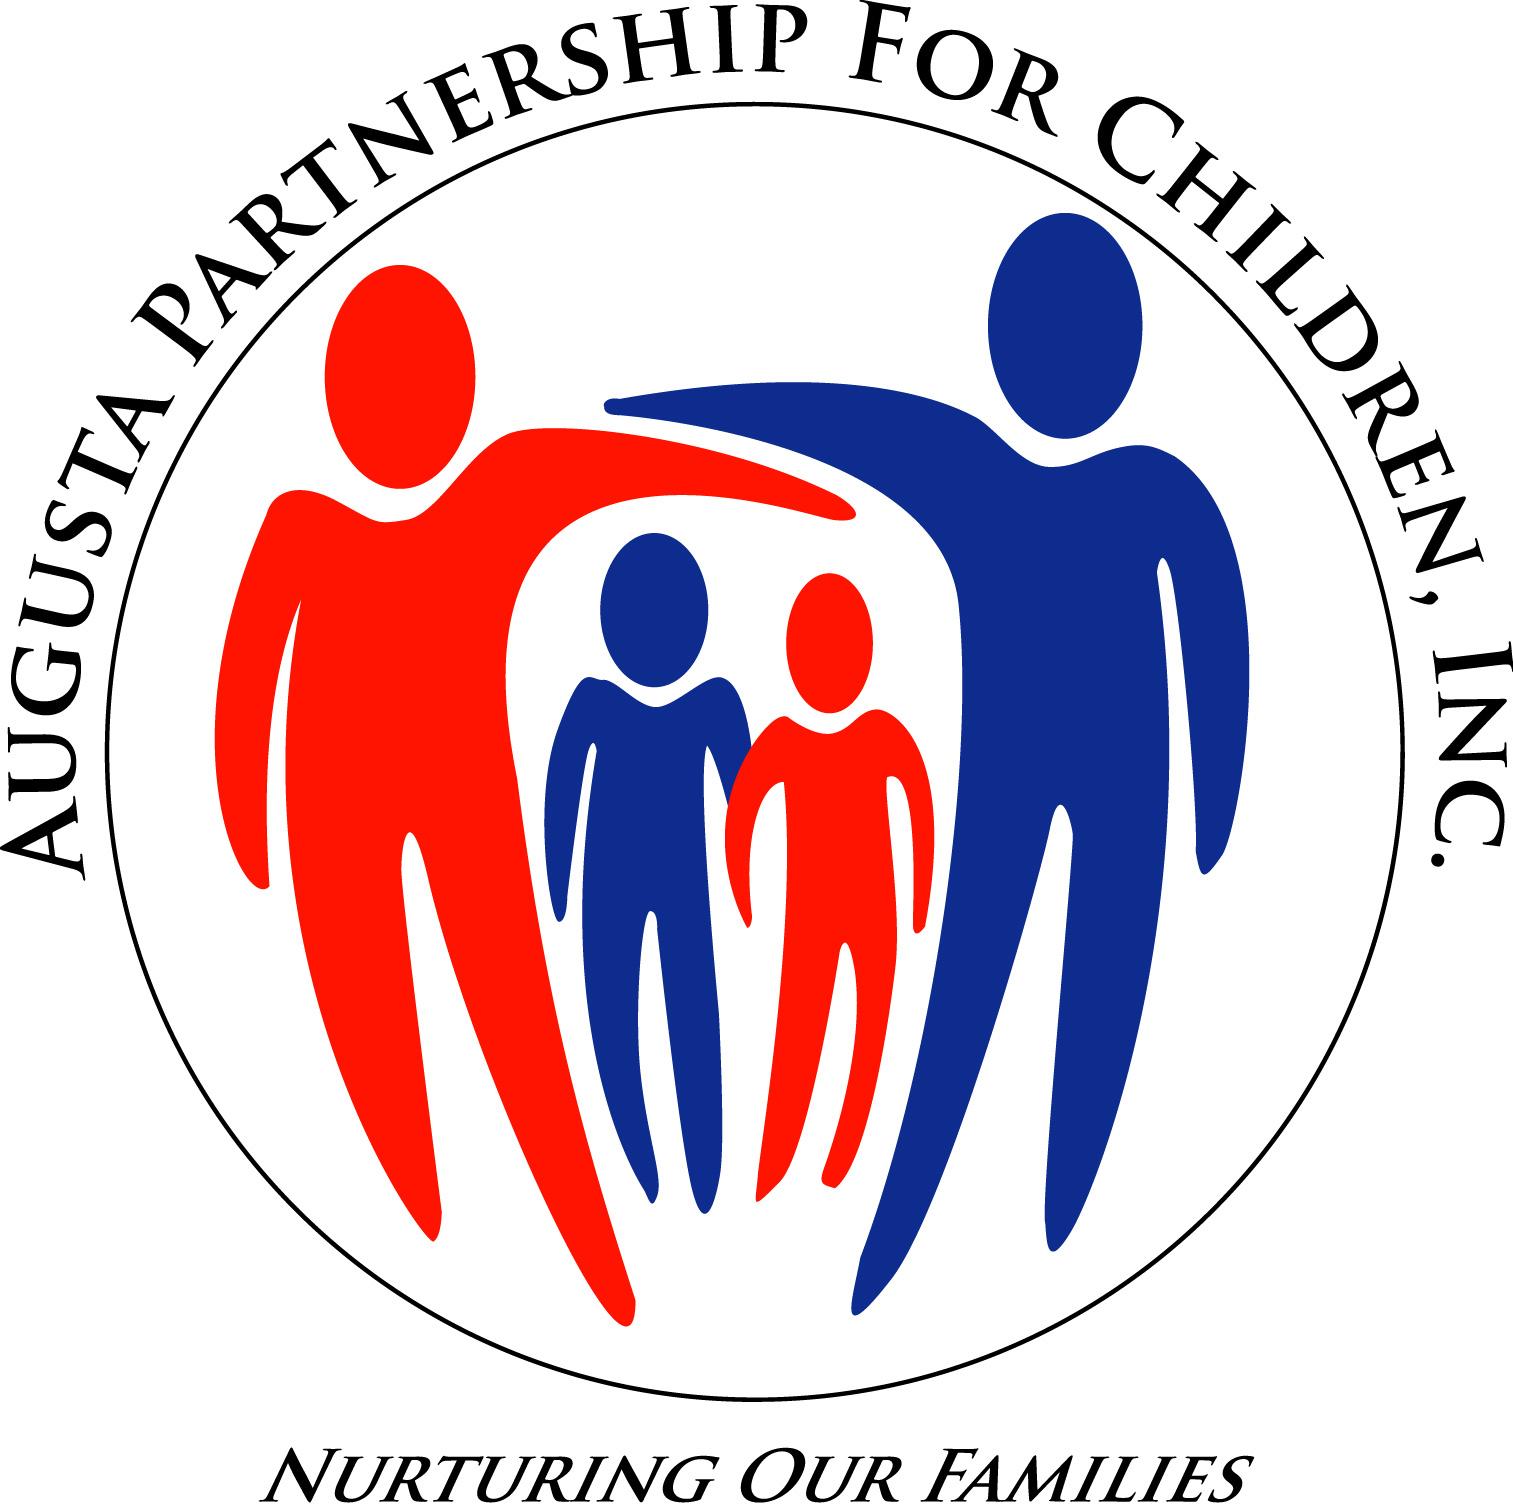 Augusta Partnership for Children